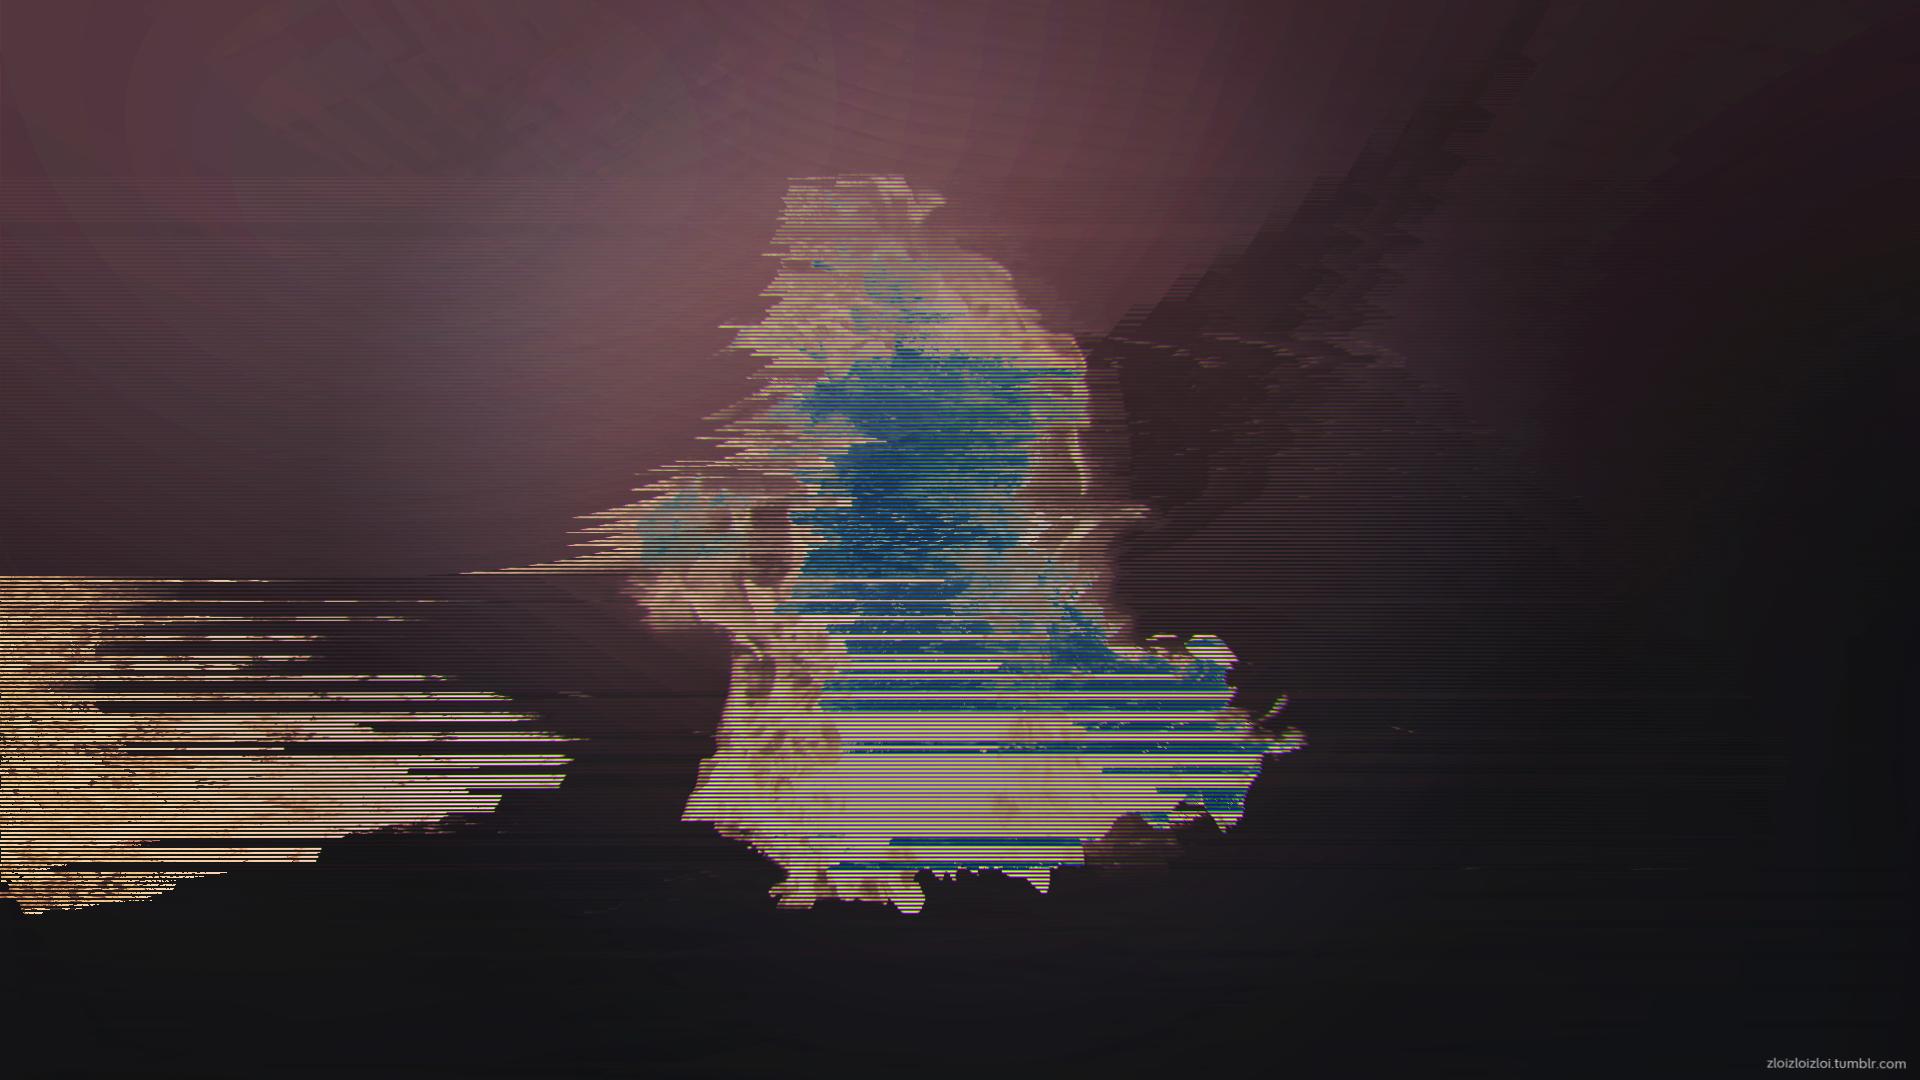 F1R3 [1920x1080] Glitch art, Wallpaper, Hd wallpaper